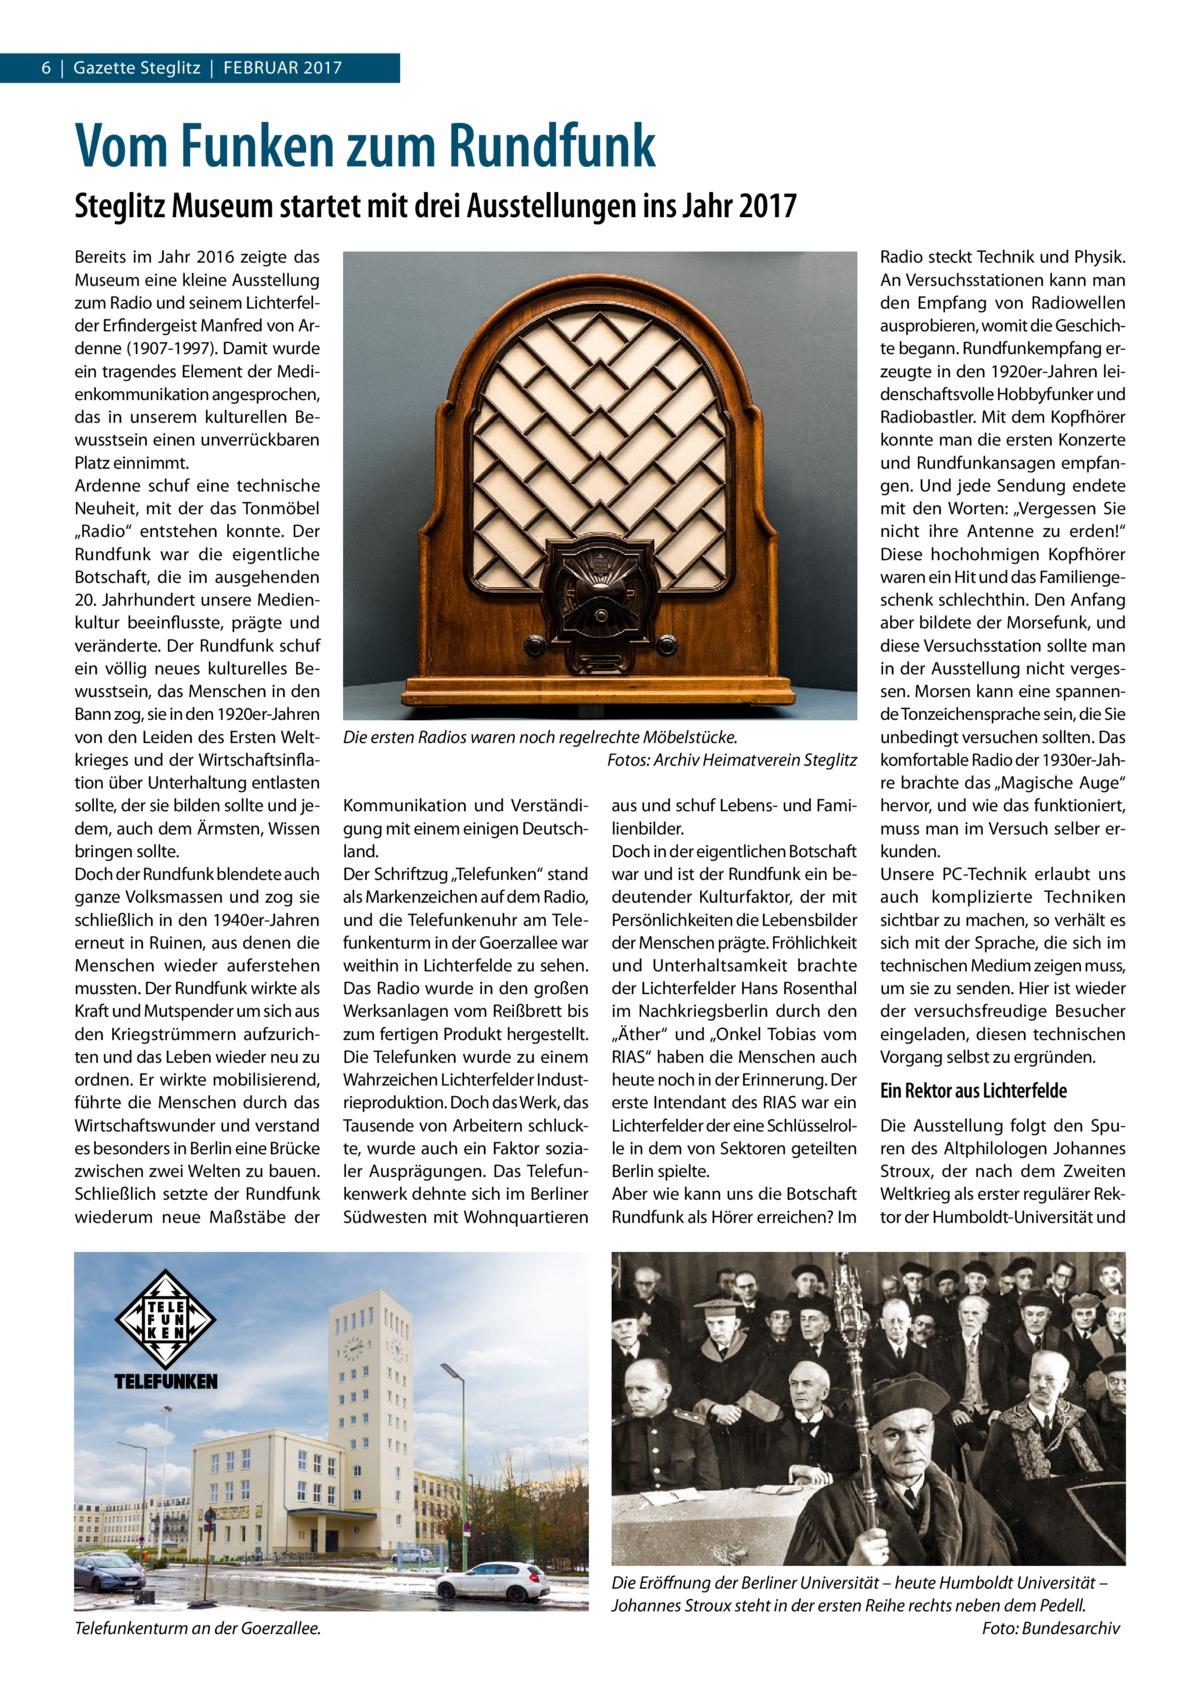 """6 Gazette Steglitz Februar 2017  Vom Funken zum Rundfunk Steglitz Museum startet mit drei Ausstellungen ins Jahr 2017 Bereits im Jahr 2016 zeigte das Museum eine kleine Ausstellung zum Radio und seinem Lichterfelder Erfindergeist Manfred von Ardenne (1907-1997). Damit wurde ein tragendes Element der Medienkommunikation angesprochen, das in unserem kulturellen Bewusstsein einen unverrückbaren Platz einnimmt. Ardenne schuf eine technische Neuheit, mit der das Tonmöbel """"Radio"""" entstehen konnte. Der Rundfunk war die eigentliche Botschaft, die im ausgehenden 20.Jahrhundert unsere Medienkultur beeinflusste, prägte und veränderte. Der Rundfunk schuf ein völlig neues kulturelles Bewusstsein, das Menschen in den Bann zog, sie in den 1920er-Jahren von den Leiden des Ersten Weltkrieges und der Wirtschaftsinflation über Unterhaltung entlasten sollte, der sie bilden sollte und jedem, auch dem Ärmsten, Wissen bringen sollte. Doch der Rundfunk blendete auch ganze Volksmassen und zog sie schließlich in den 1940er-Jahren erneut in Ruinen, aus denen die Menschen wieder auferstehen mussten. Der Rundfunk wirkte als Kraft und Mutspender um sich aus den Kriegstrümmern aufzurichten und das Leben wieder neu zu ordnen. Er wirkte mobilisierend, führte die Menschen durch das Wirtschaftswunder und verstand es besonders in Berlin eine Brücke zwischen zwei Welten zu bauen. Schließlich setzte der Rundfunk wiederum neue Maßstäbe der  Telefunkenturm an der Goerzallee.  Die ersten Radios waren noch regelrechte Möbelstücke. � Fotos: Archiv Heimatverein Steglitz Kommunikation und Verständigung mit einem einigen Deutschland. Der Schriftzug """"Telefunken"""" stand als Markenzeichen auf dem Radio, und die Telefunkenuhr am Telefunkenturm in der Goerzallee war weithin in Lichterfelde zu sehen. Das Radio wurde in den großen Werksanlagen vom Reißbrett bis zum fertigen Produkt hergestellt. Die Telefunken wurde zu einem Wahrzeichen Lichterfelder Industrieproduktion. Doch das Werk, das Tausende von Arbeitern schluck"""